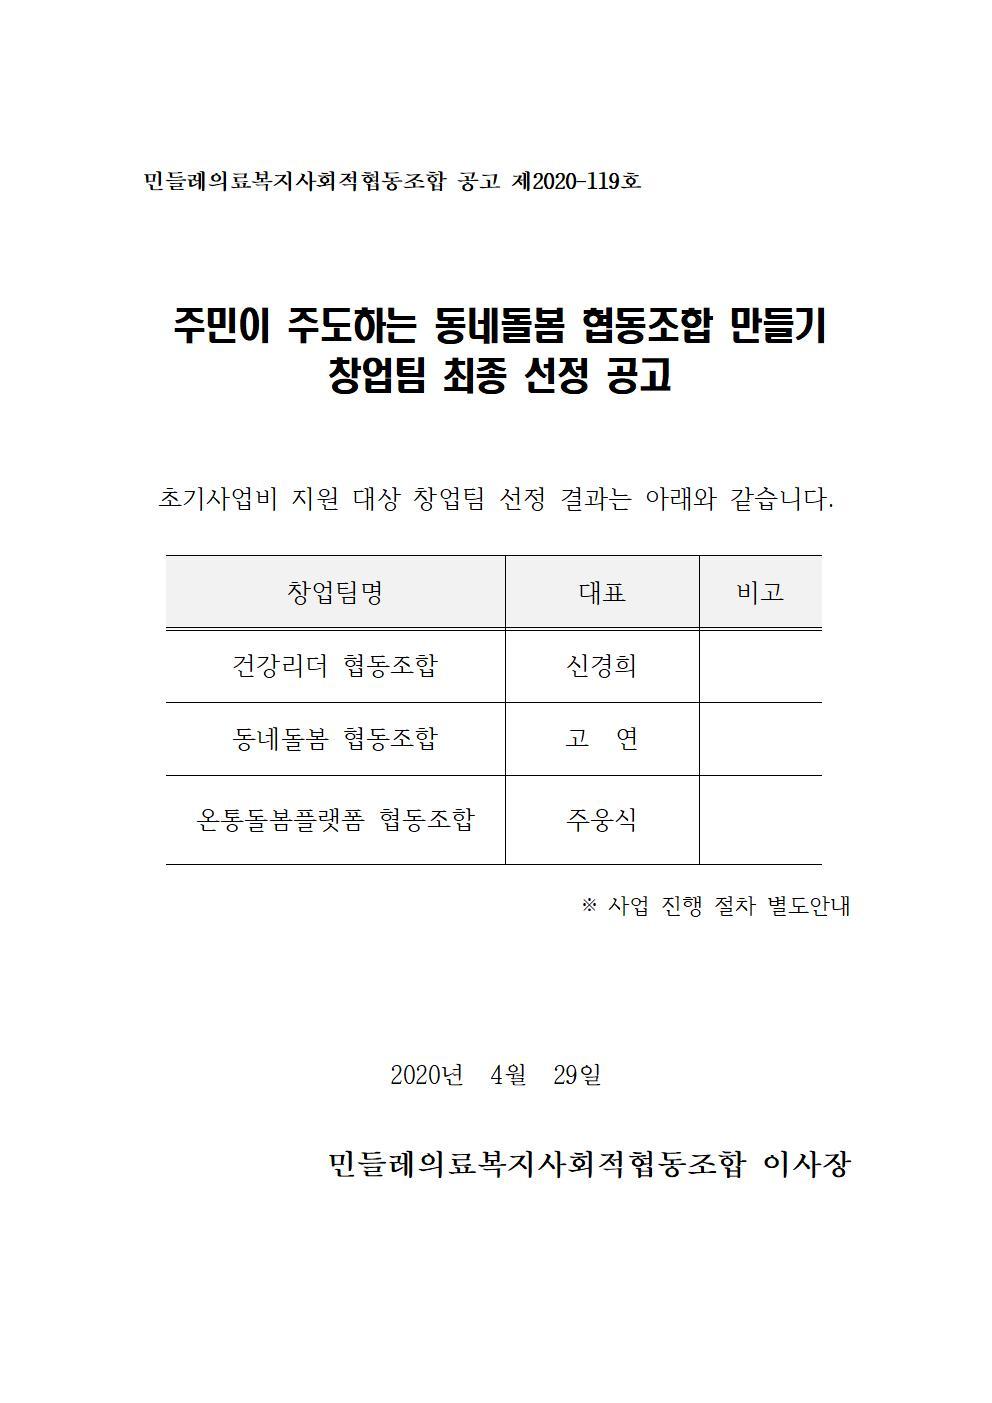 창업팀 최종 선정 공고001.jpg